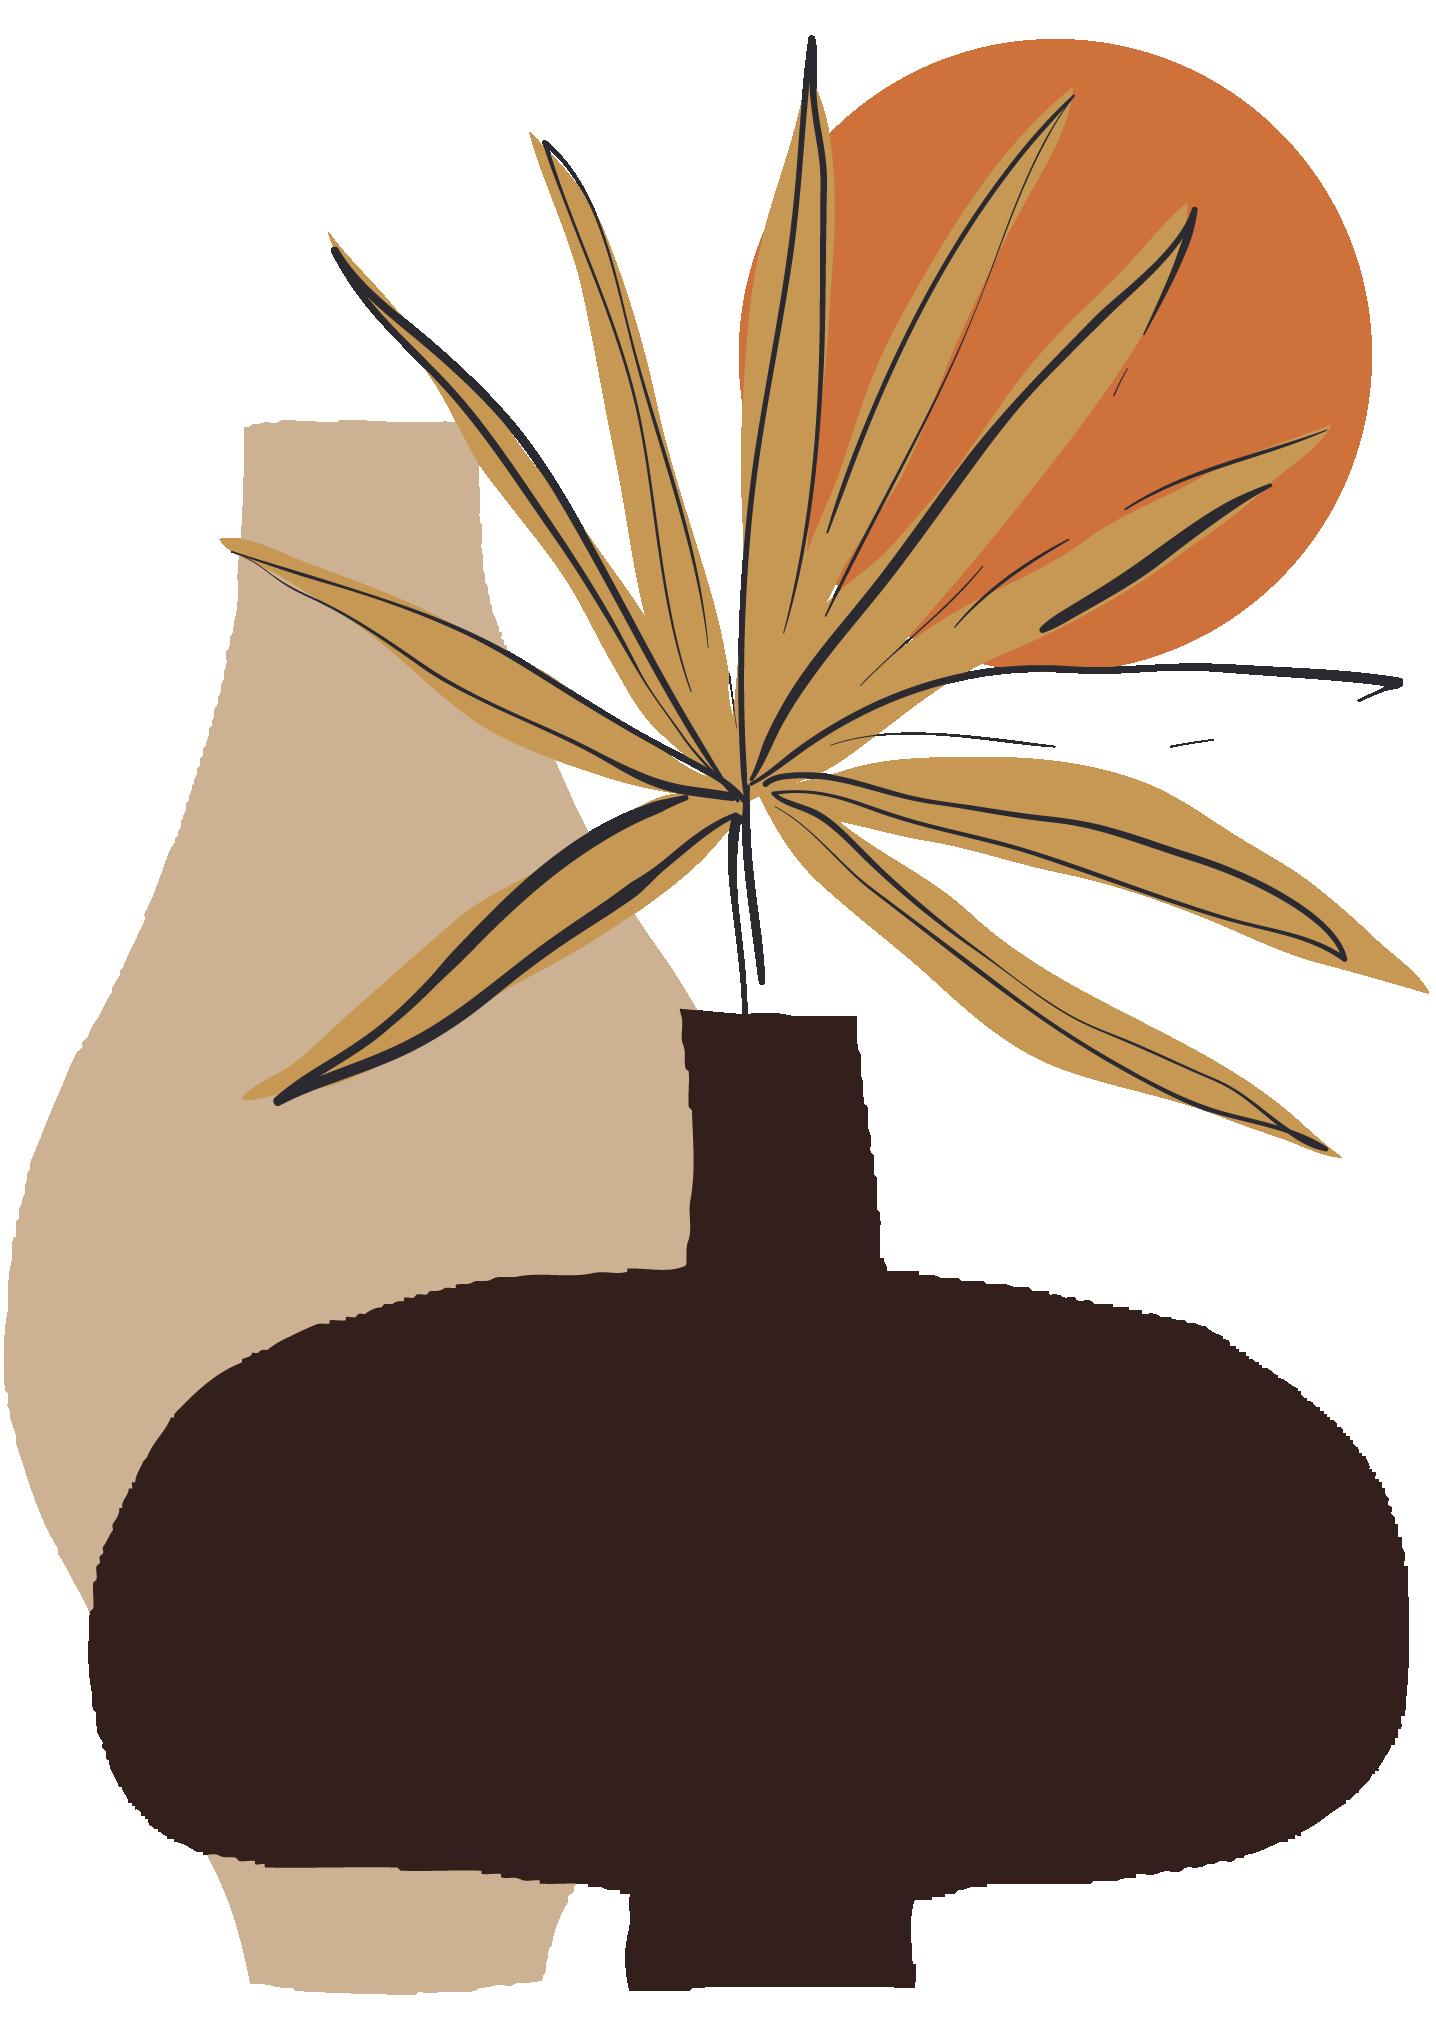 Диджитал-детокс с Ploom: 5 правил, как создать более экологичное инфопространство (фото 7)